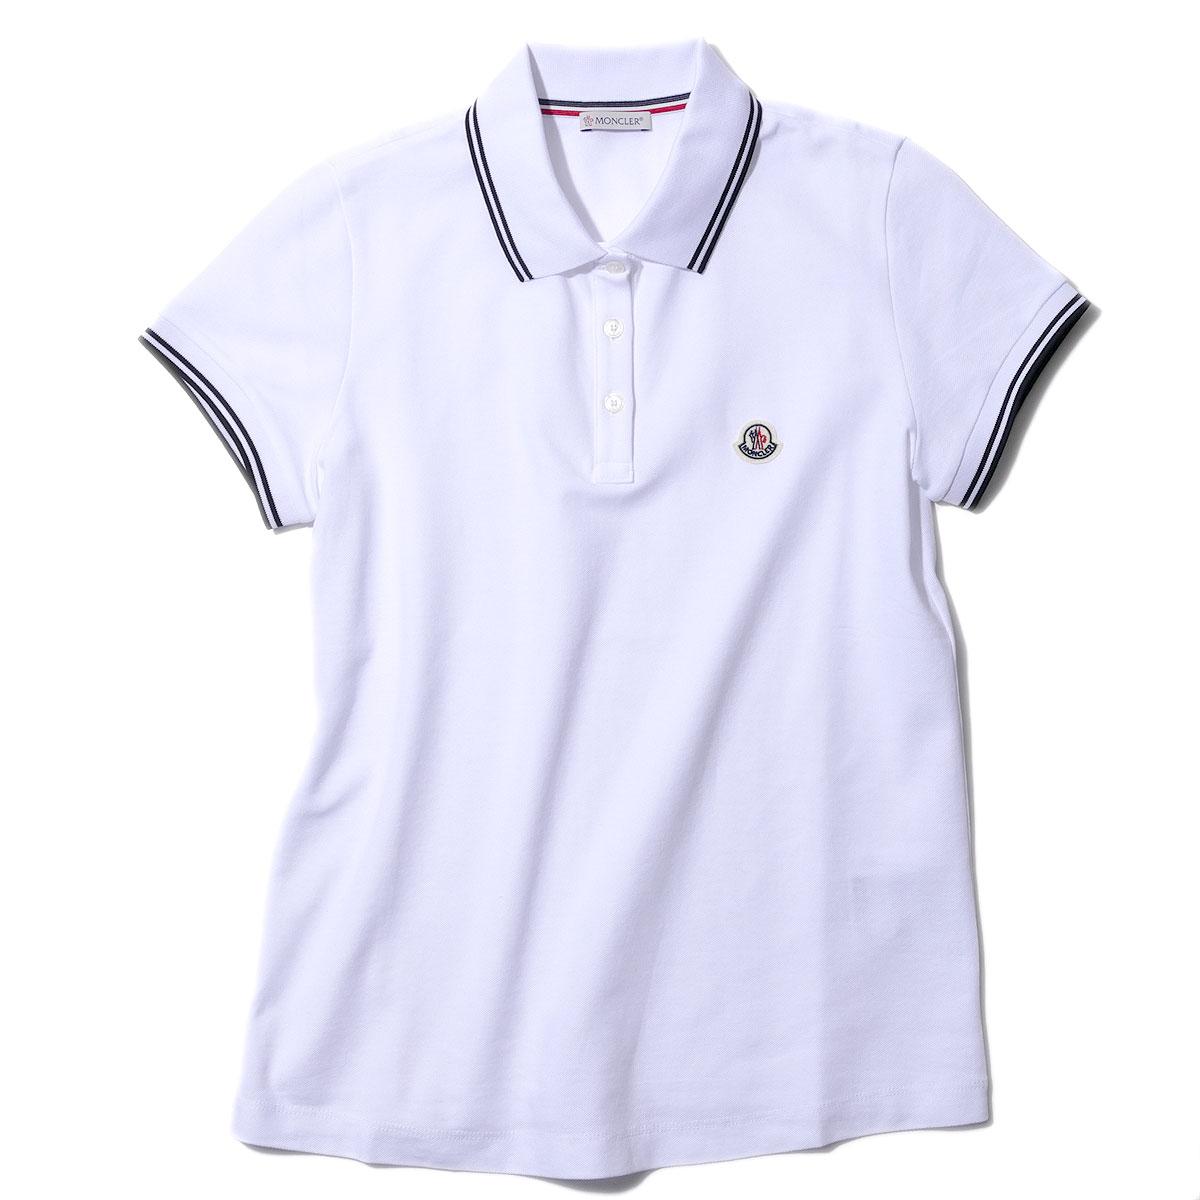 モンクレール レディースポロシャツ 8A70200 001ホワイト MONCLER 2020SS